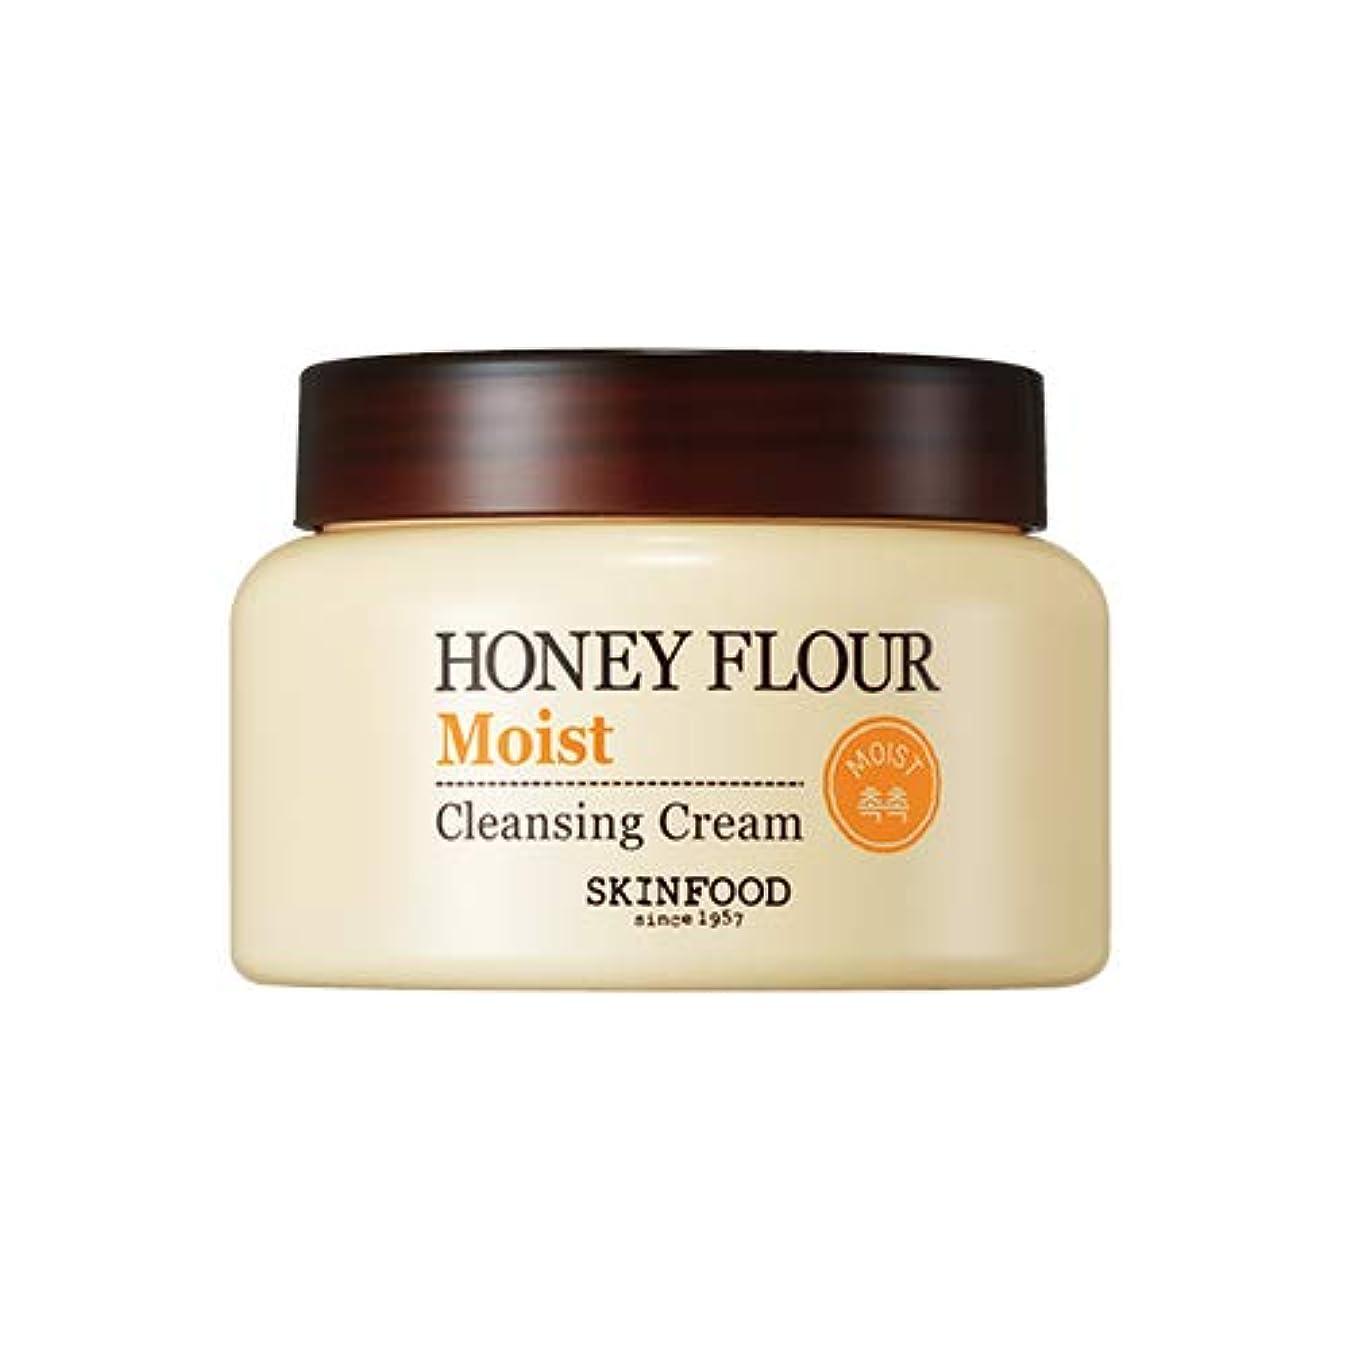 ピアニスト発行する集団的Skinfood/Honey Flour Moist Cleansing Cream/ハニーフラワーモイストクレンジングクリーム/225ml [並行輸入品]